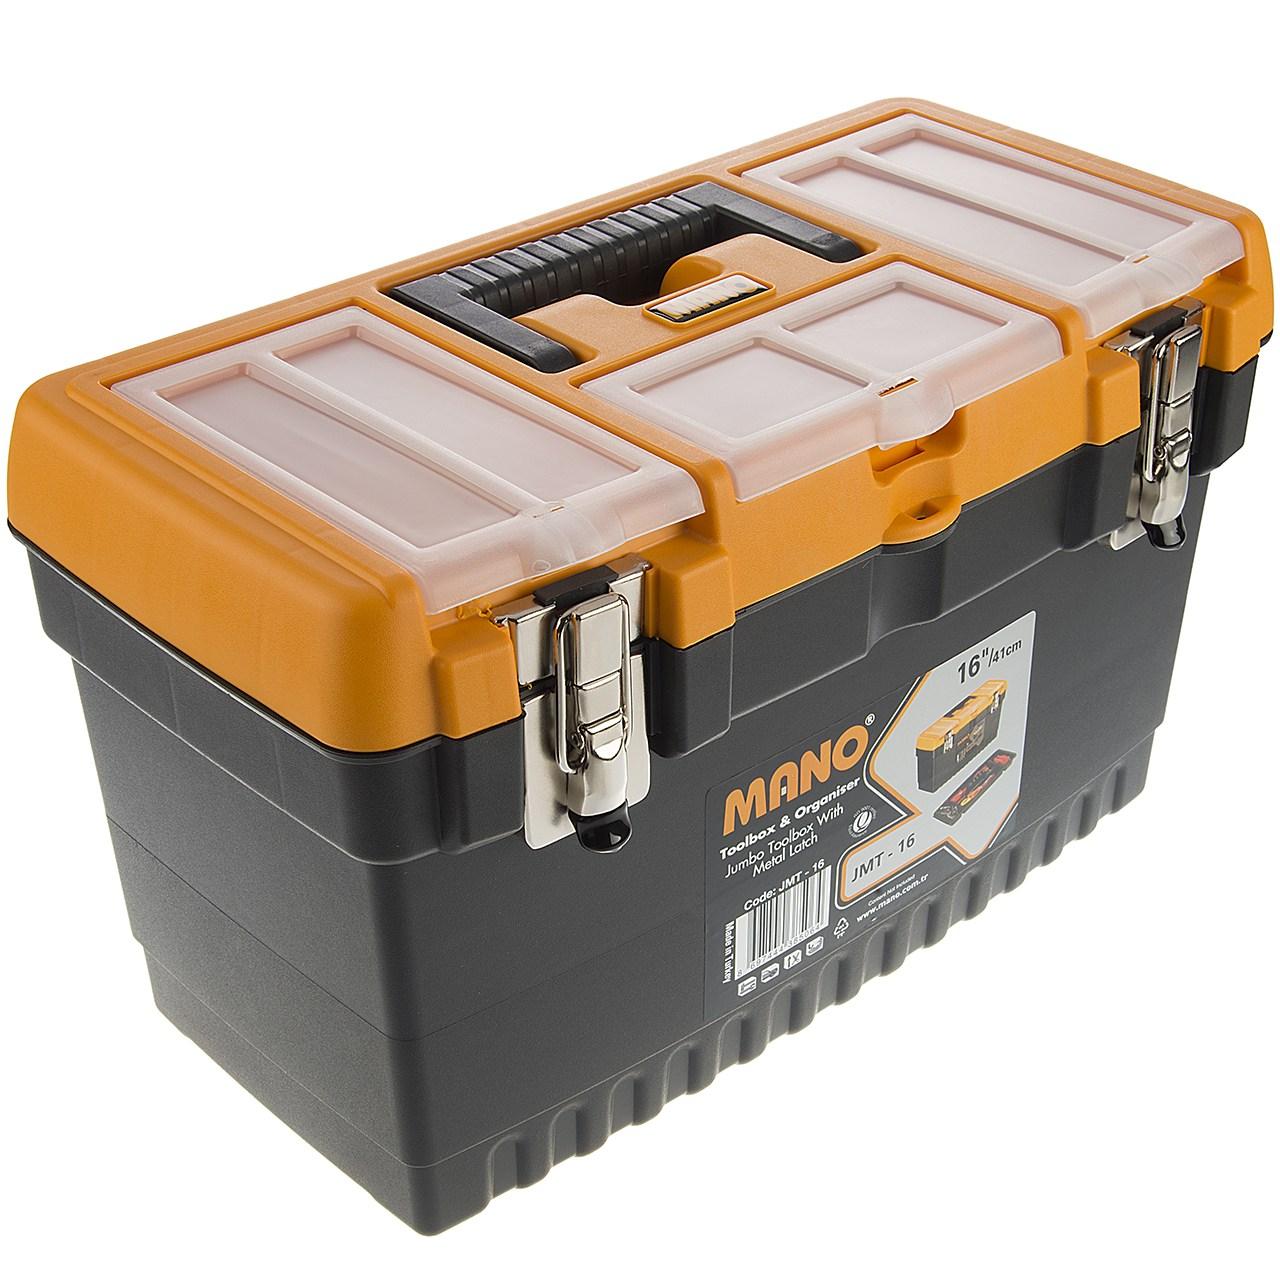 جعبه ابزار  16 اینچی مانو مدل JMT 16